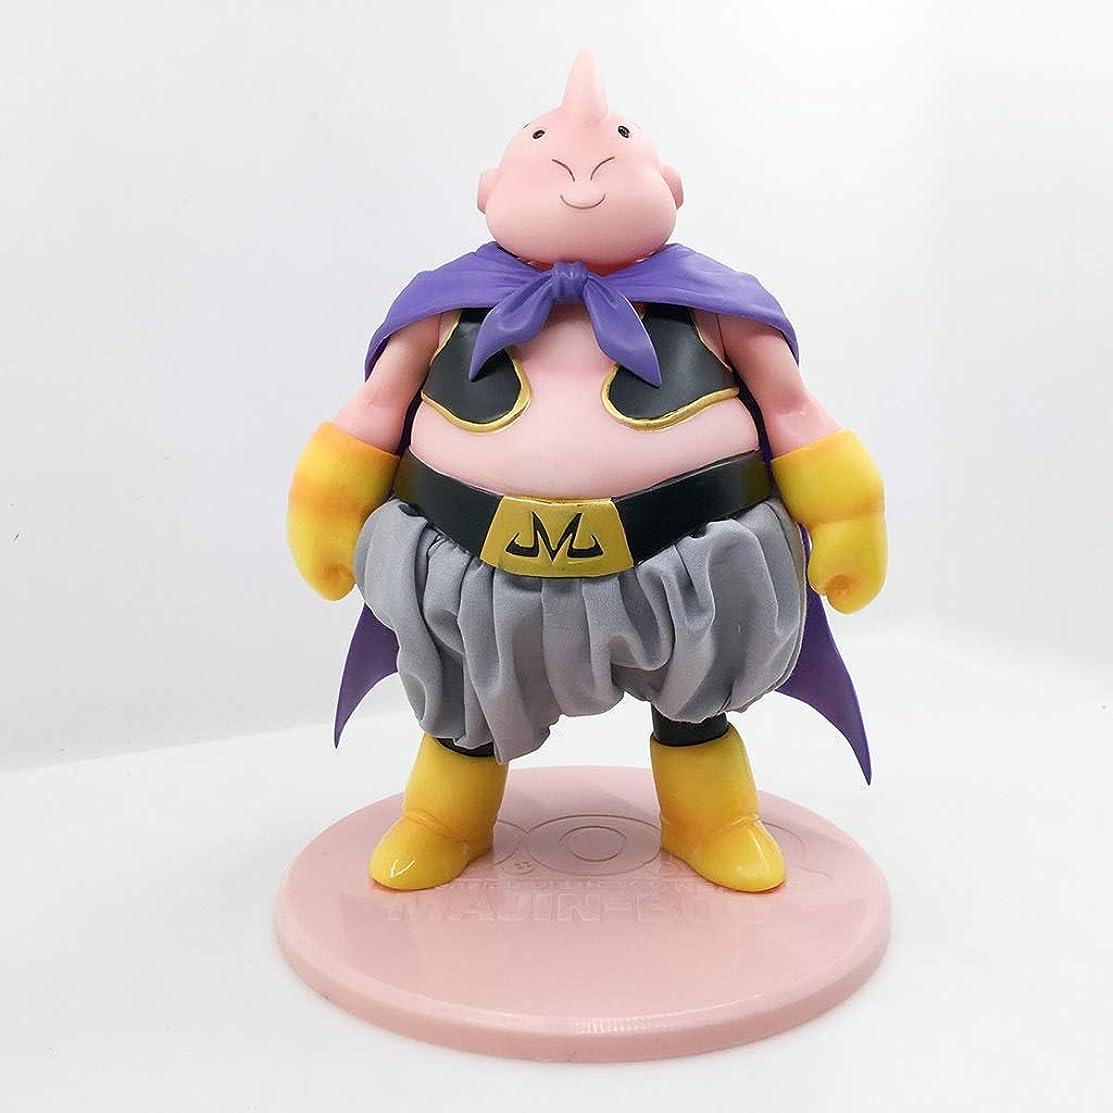 無関心量鉄道アニメドラゴンボールブー、像のおもちゃ模型装飾、PVCのおもちゃコレクション像文字工芸品(22cm) JSFQ